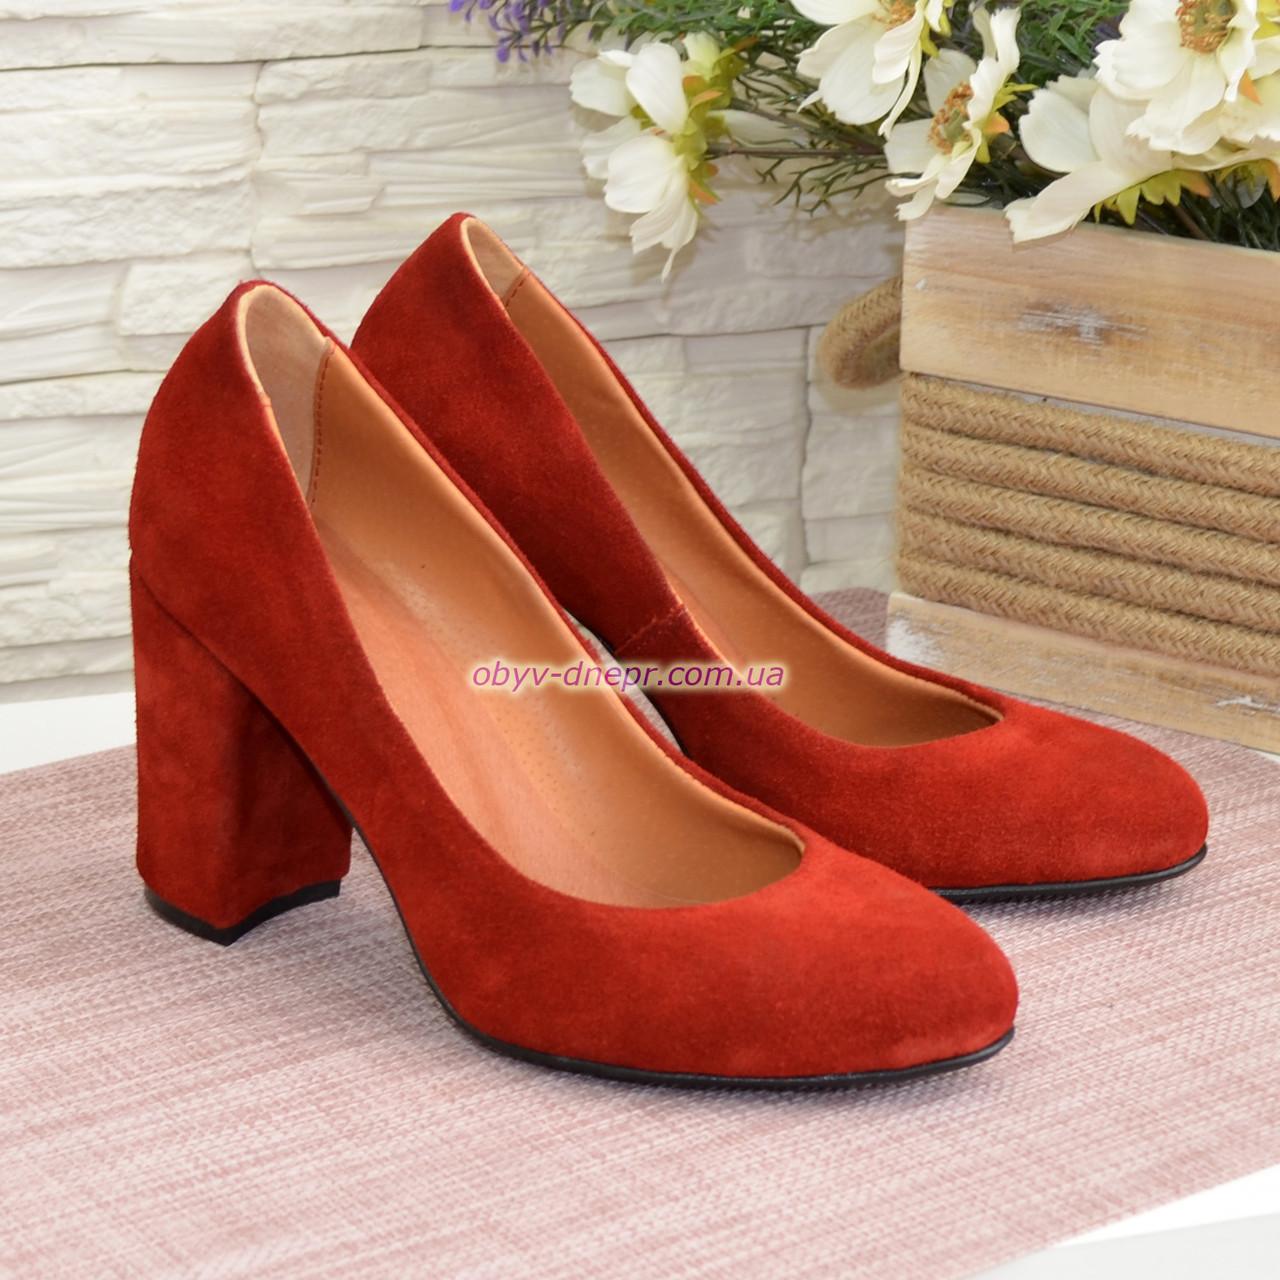 829f80656787 Туфли женские замшевые на высоком каблуке, цвет красный. ТМ